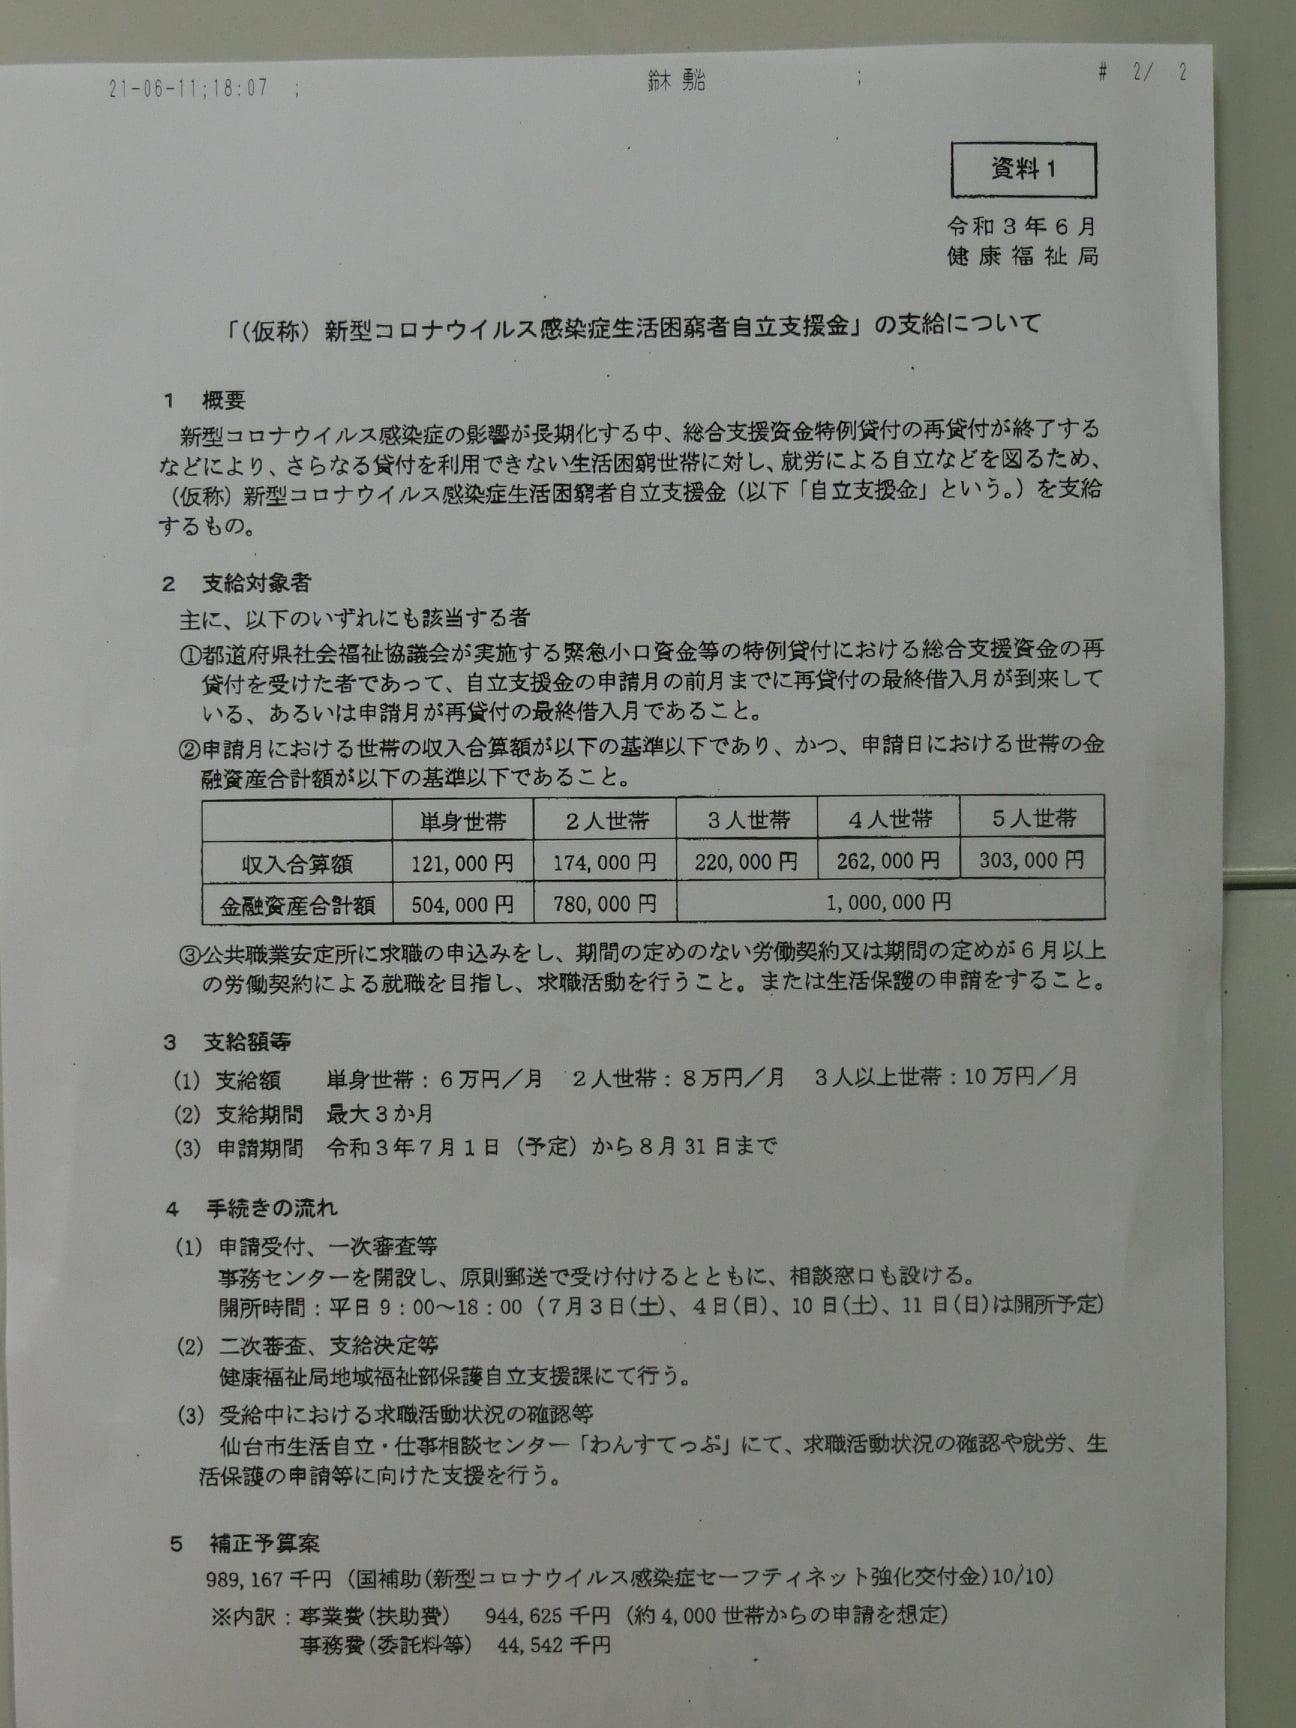 令和3年6月11日16:00から 議長懇談会を開催